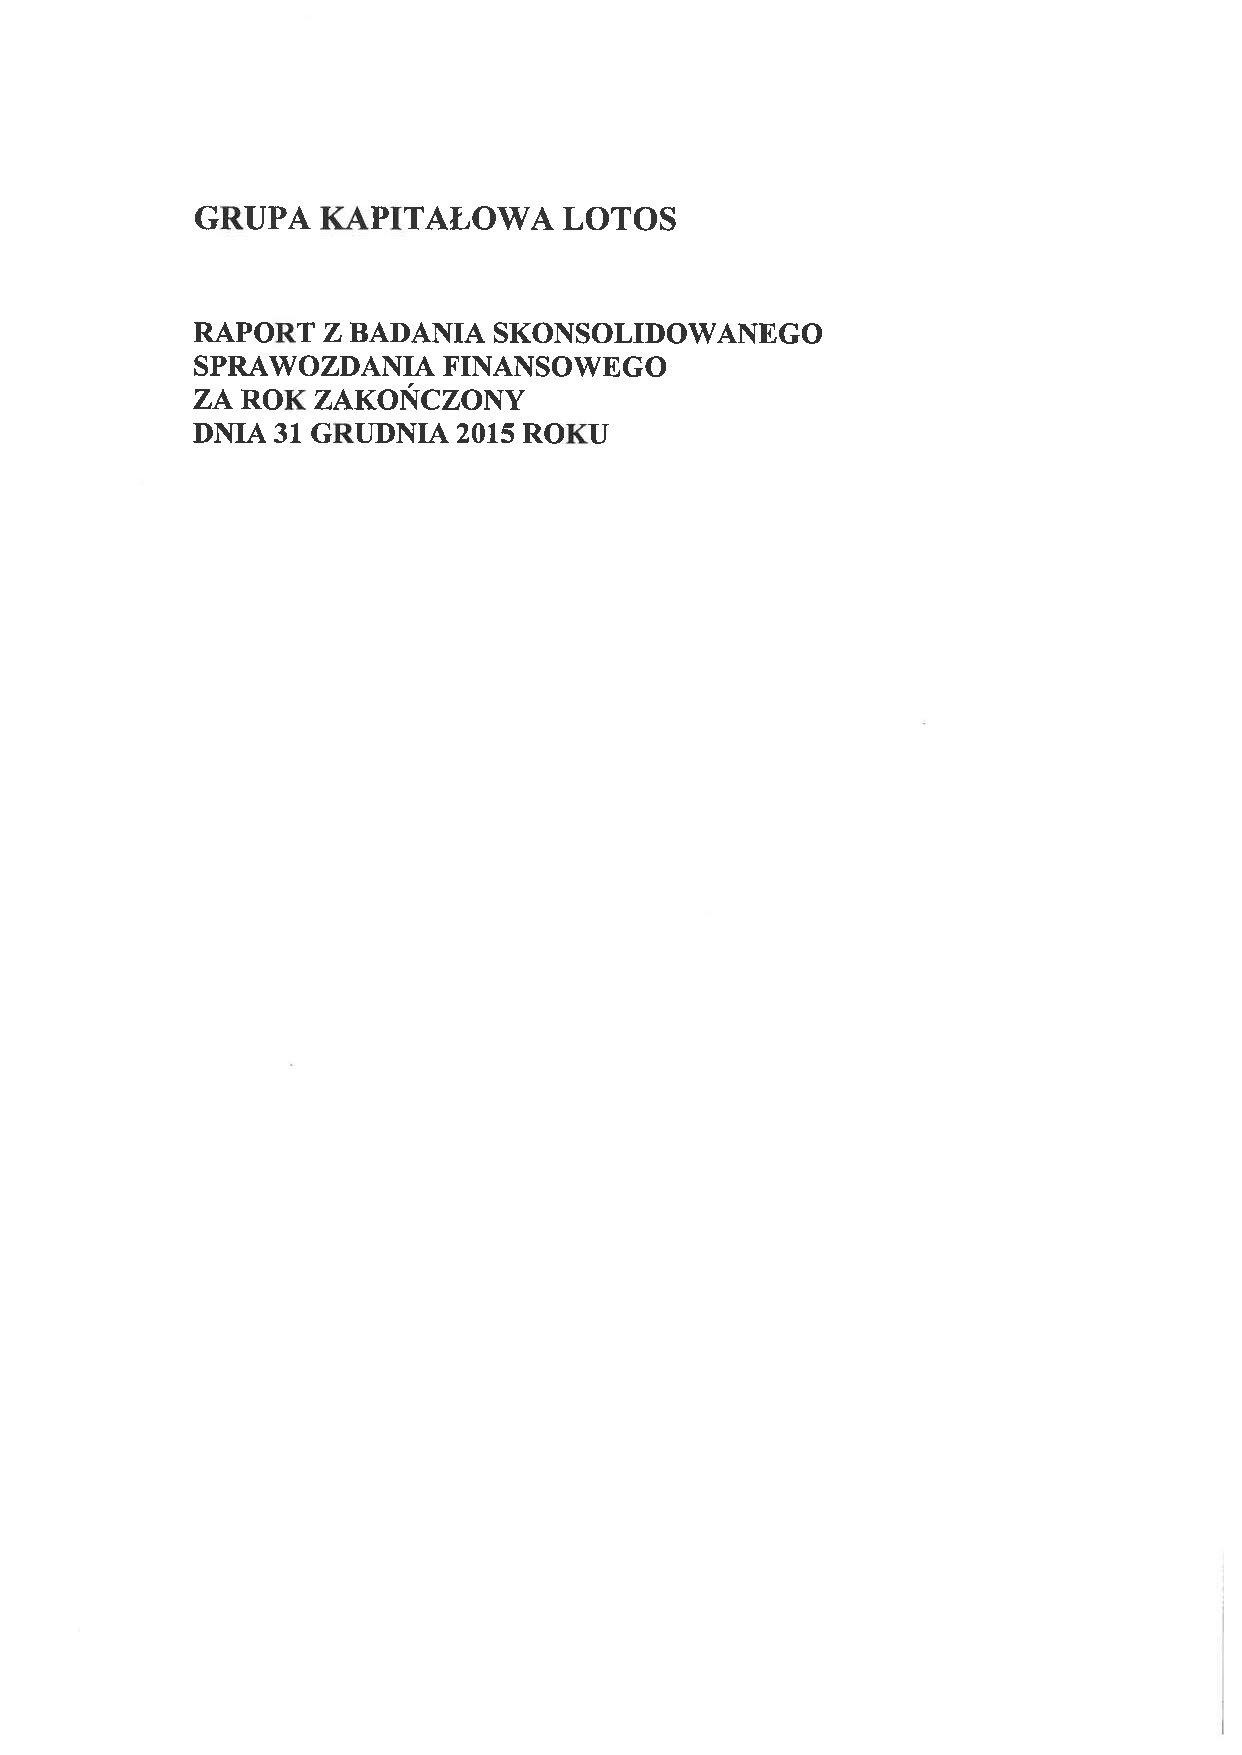 Grupa Kapitalowa LOTOS 2015 - Raport audytora z badania Skonsolidowanego Sprawozdania Finansowego strona 1